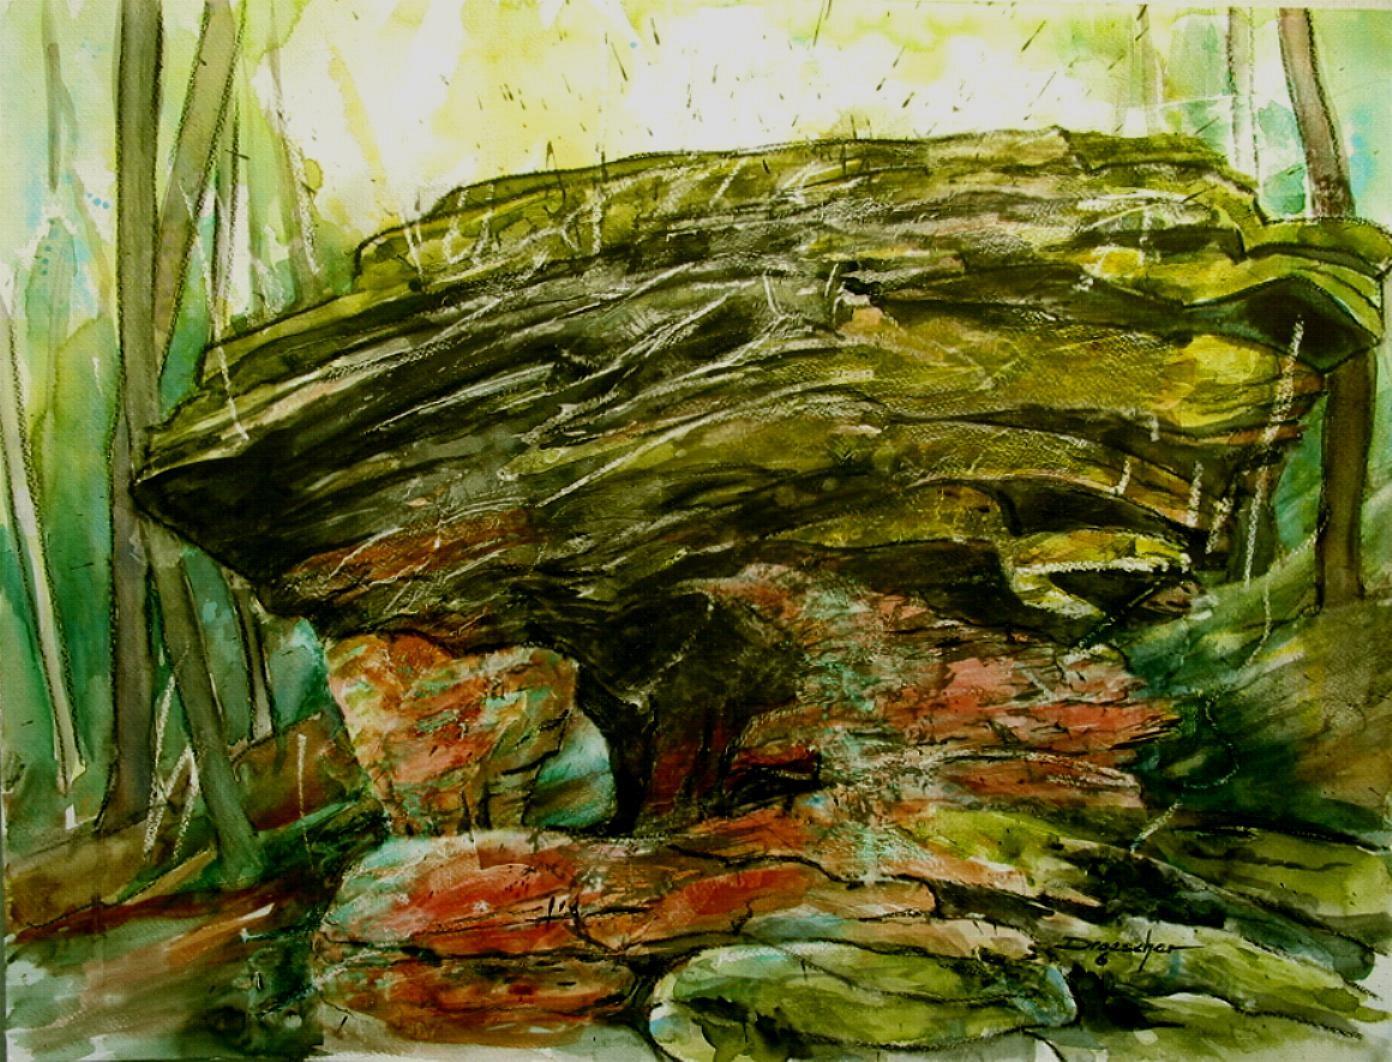 011 Teufelsschmiede (Pfälzer Wald) 2006 50x64.jpg